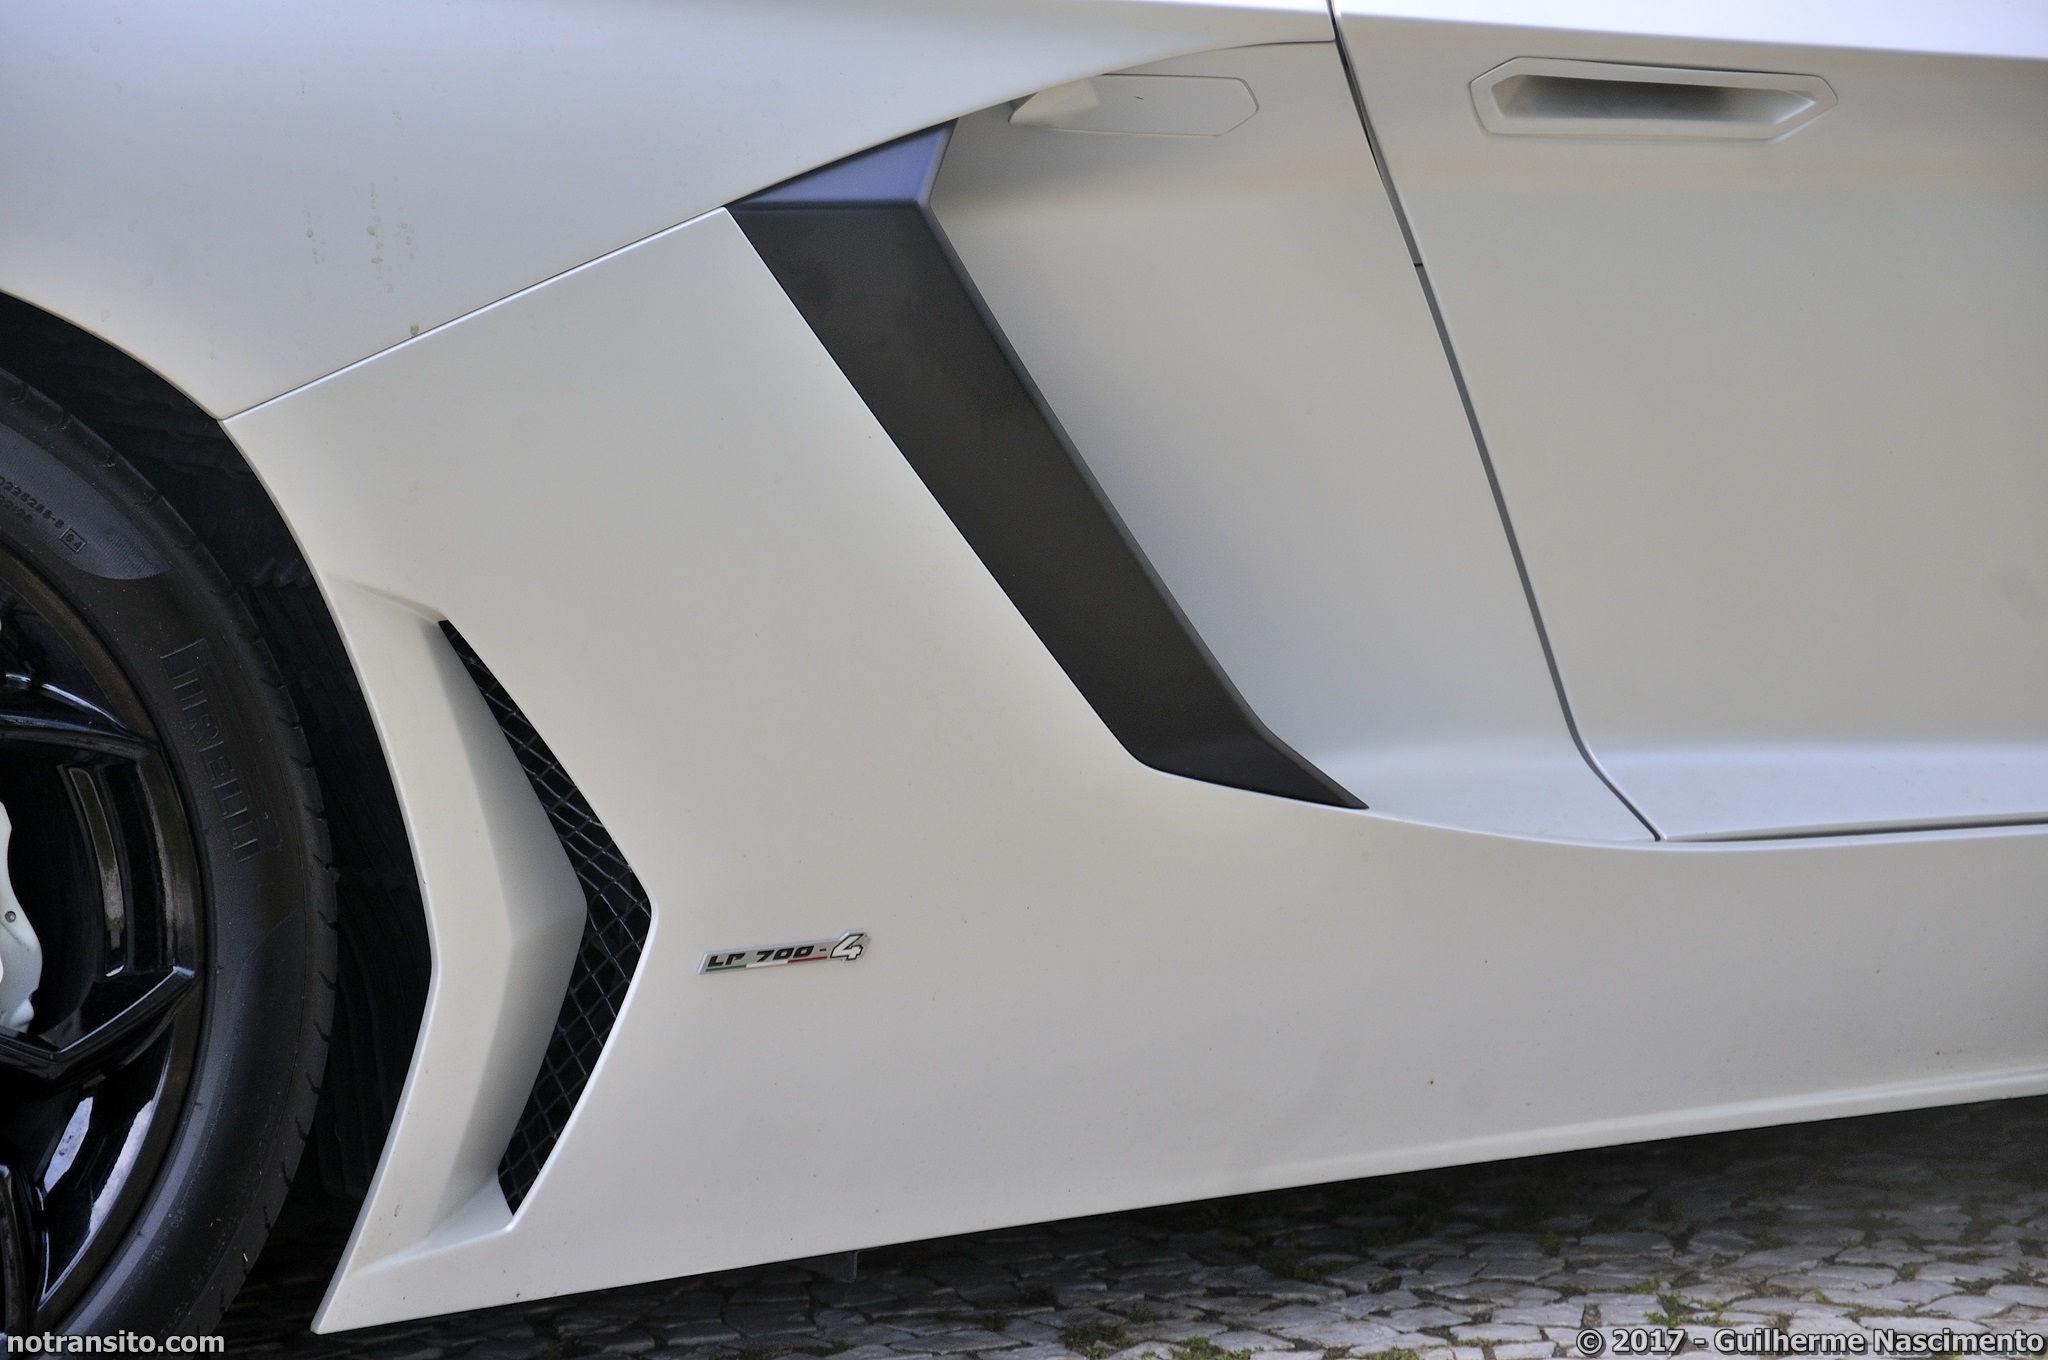 Lamborghini-Aventador-LP-700-4-McLaren-MP4-12C-020